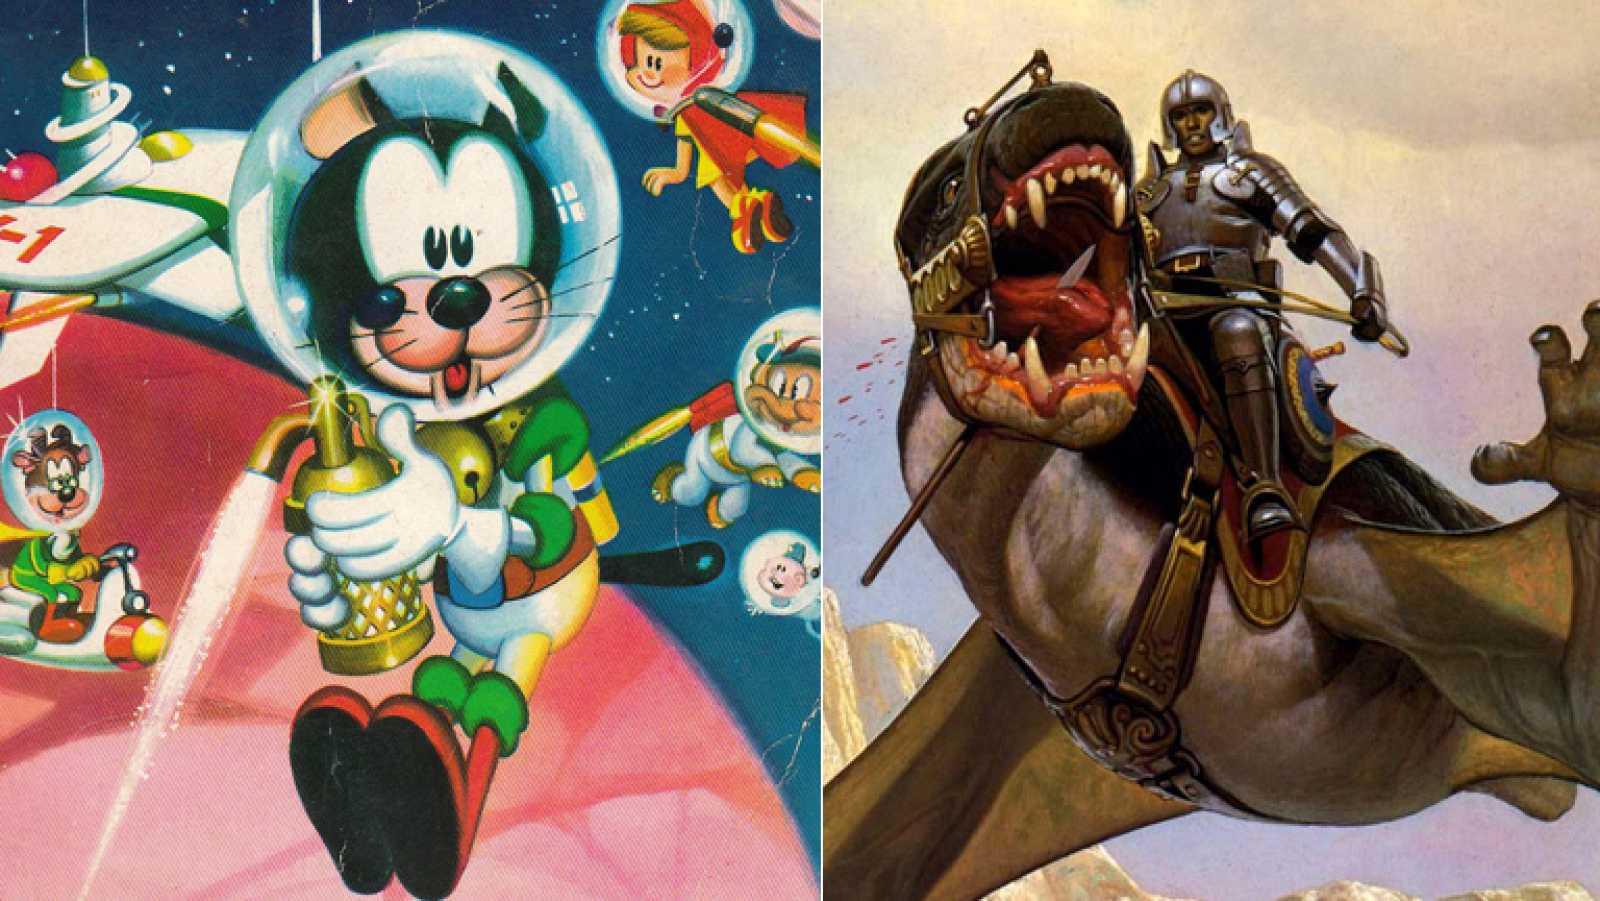 La historieta - Cap. 12: 'Niños y animales'